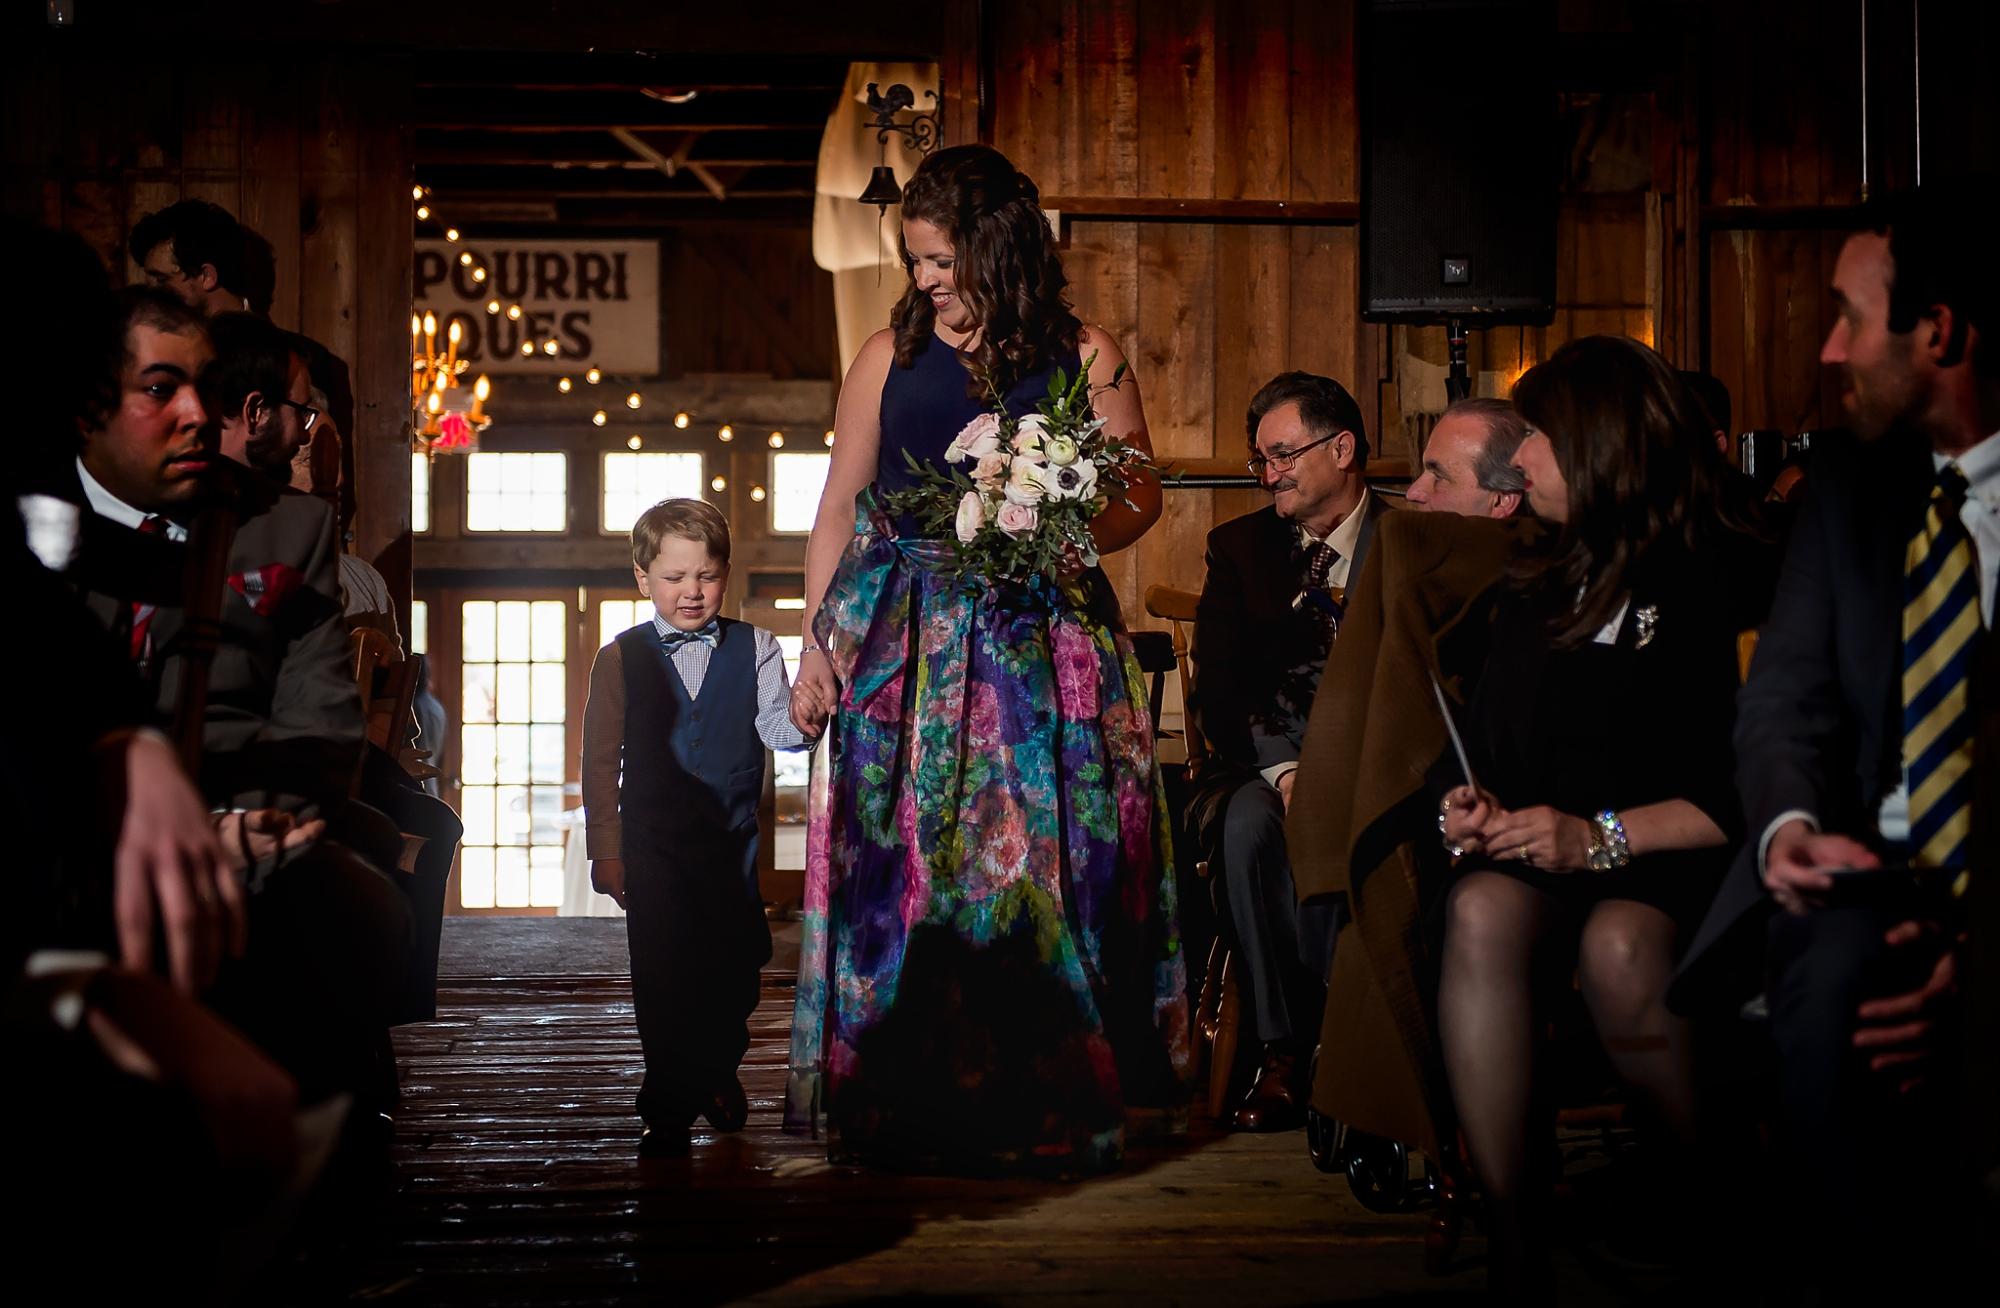 Jacks-Barn-Wedding-Photography23